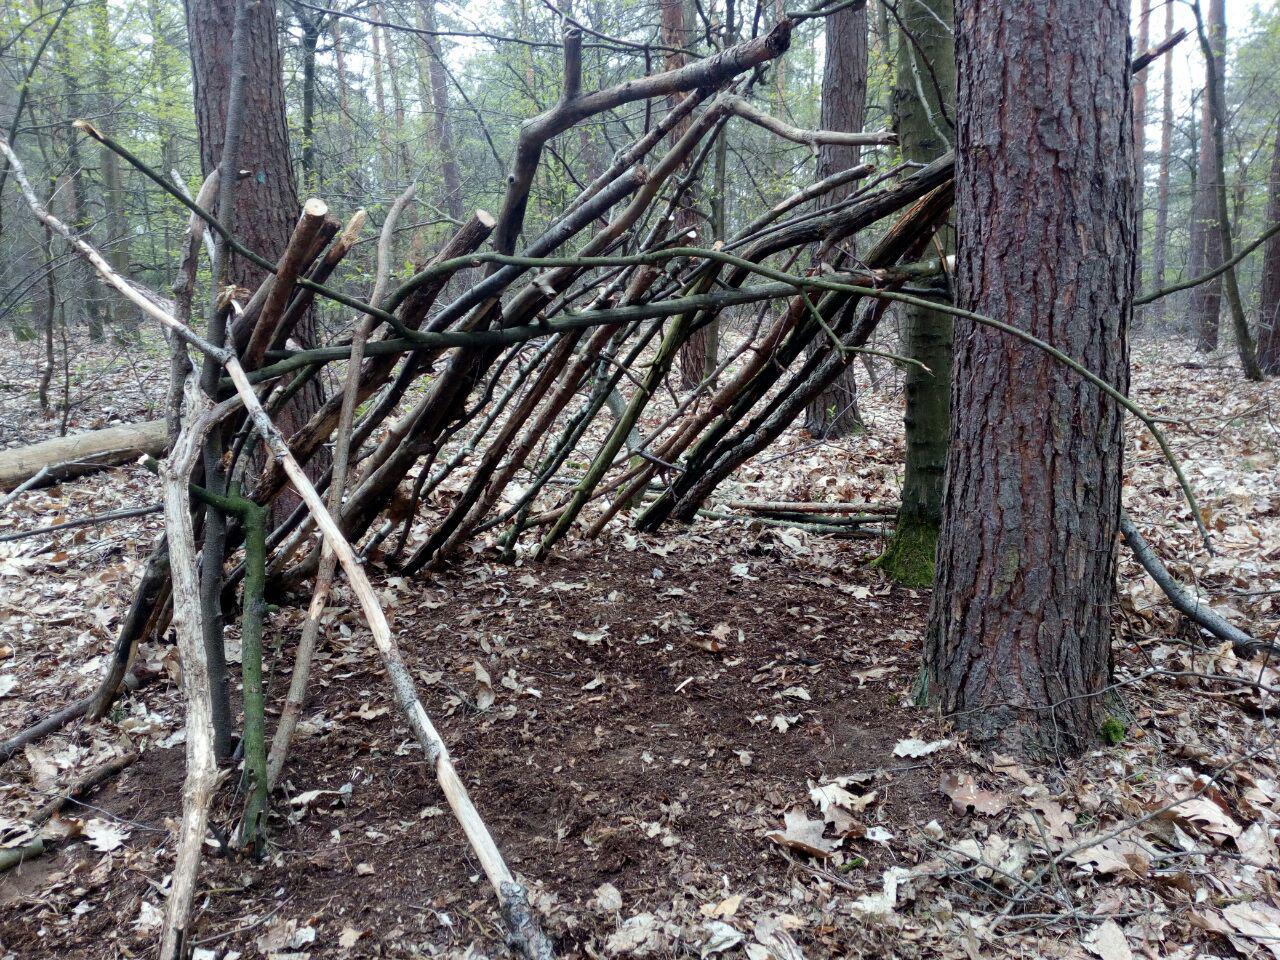 Vorbildliche Konstruktion für einen Schrägdach-Shelter aus Naturmaterial.